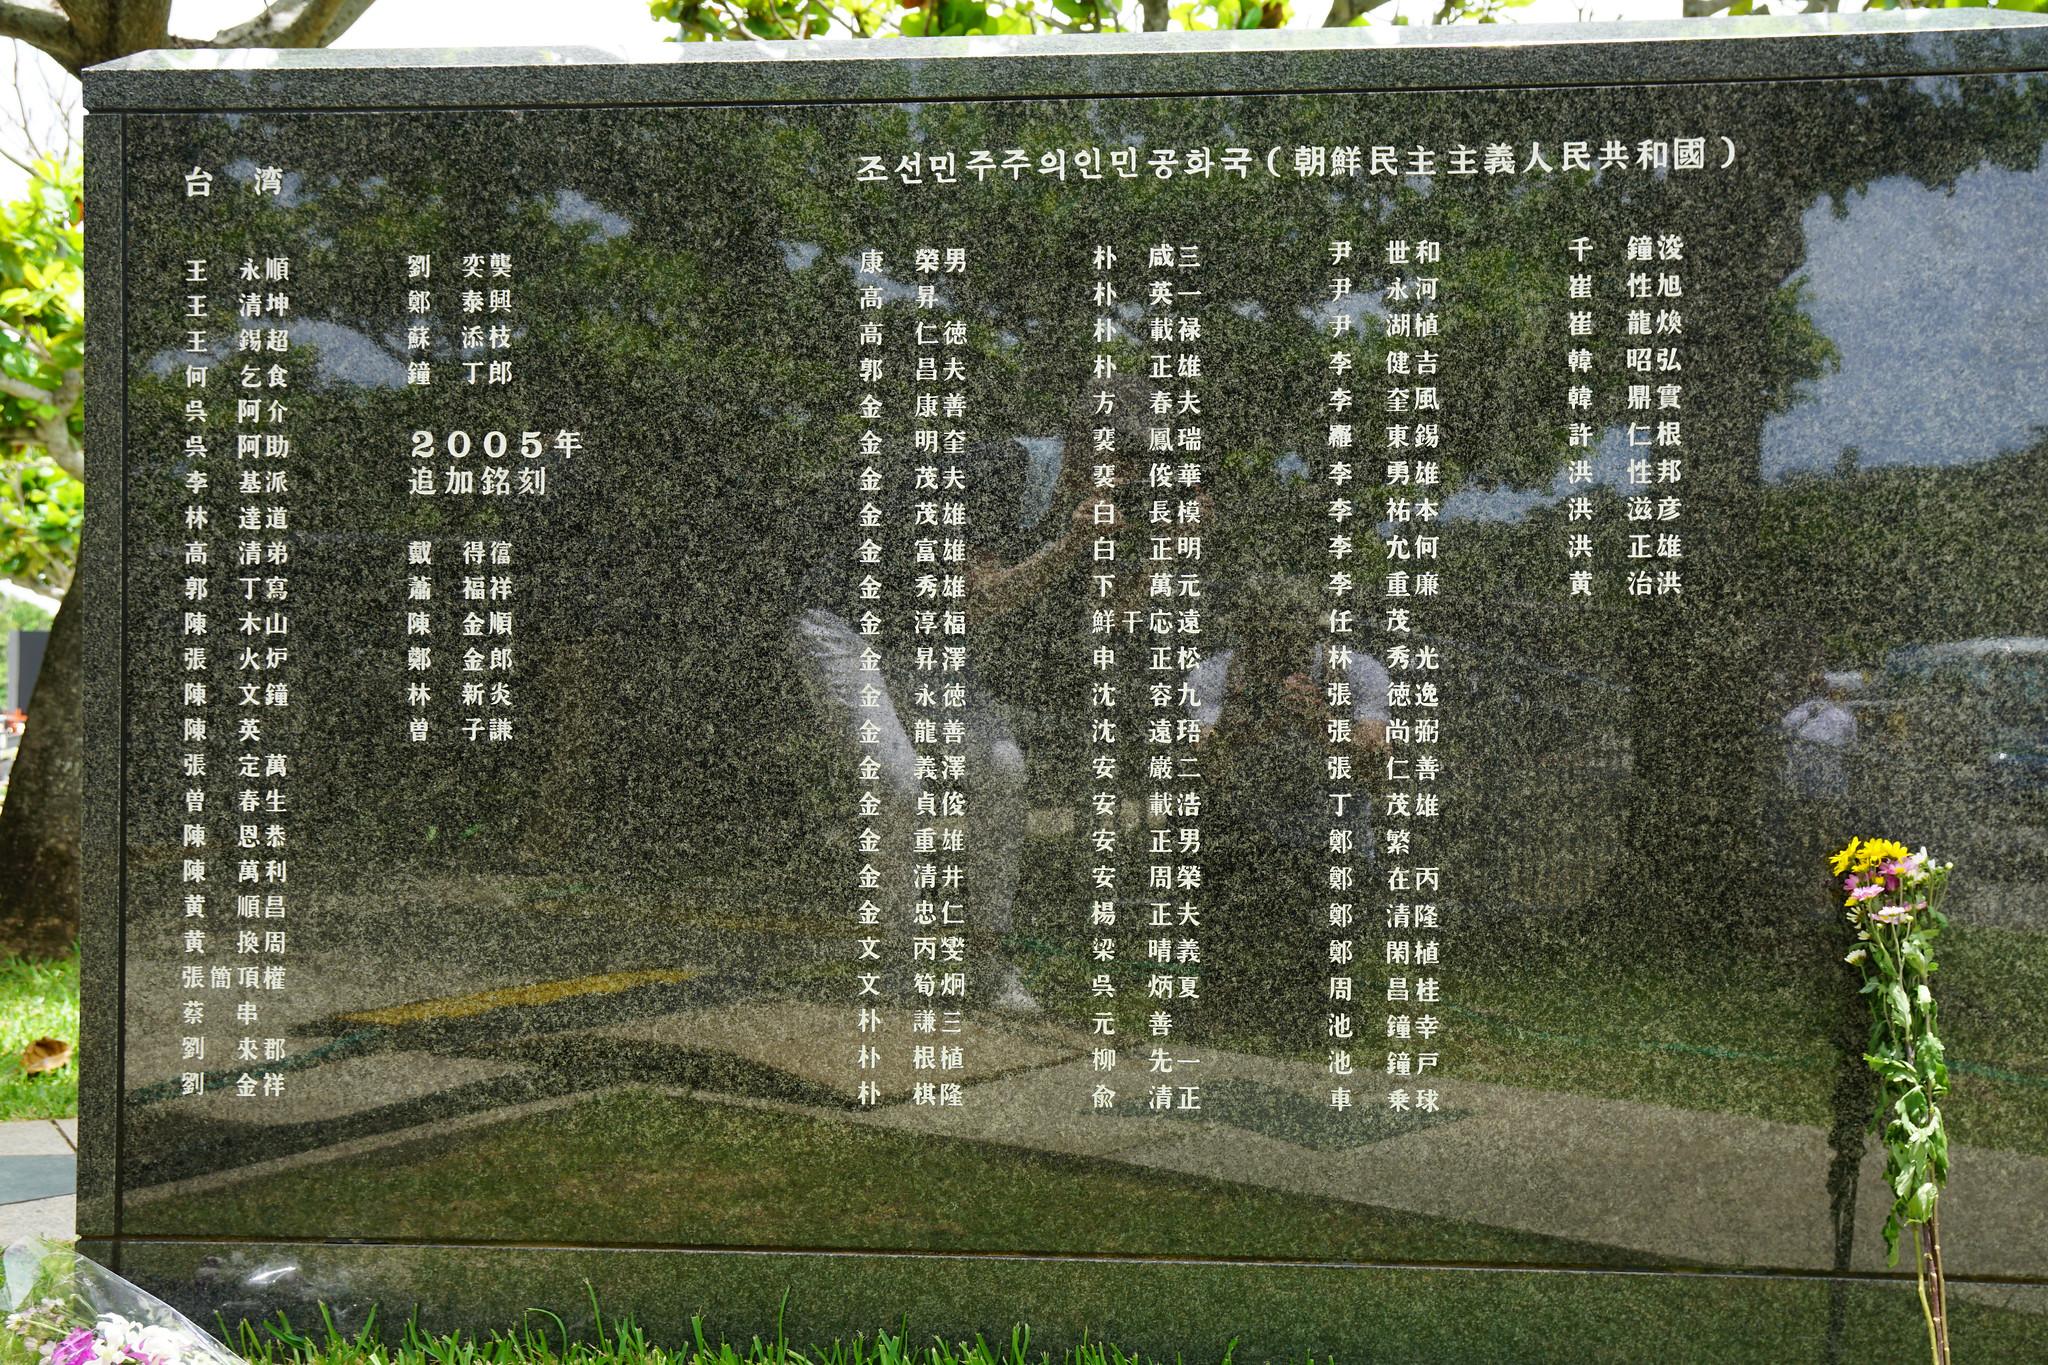 沖繩和平祈念公園裡,死於沖繩之戰的台灣人與朝鮮人紀念碑。(攝影:王顥中)